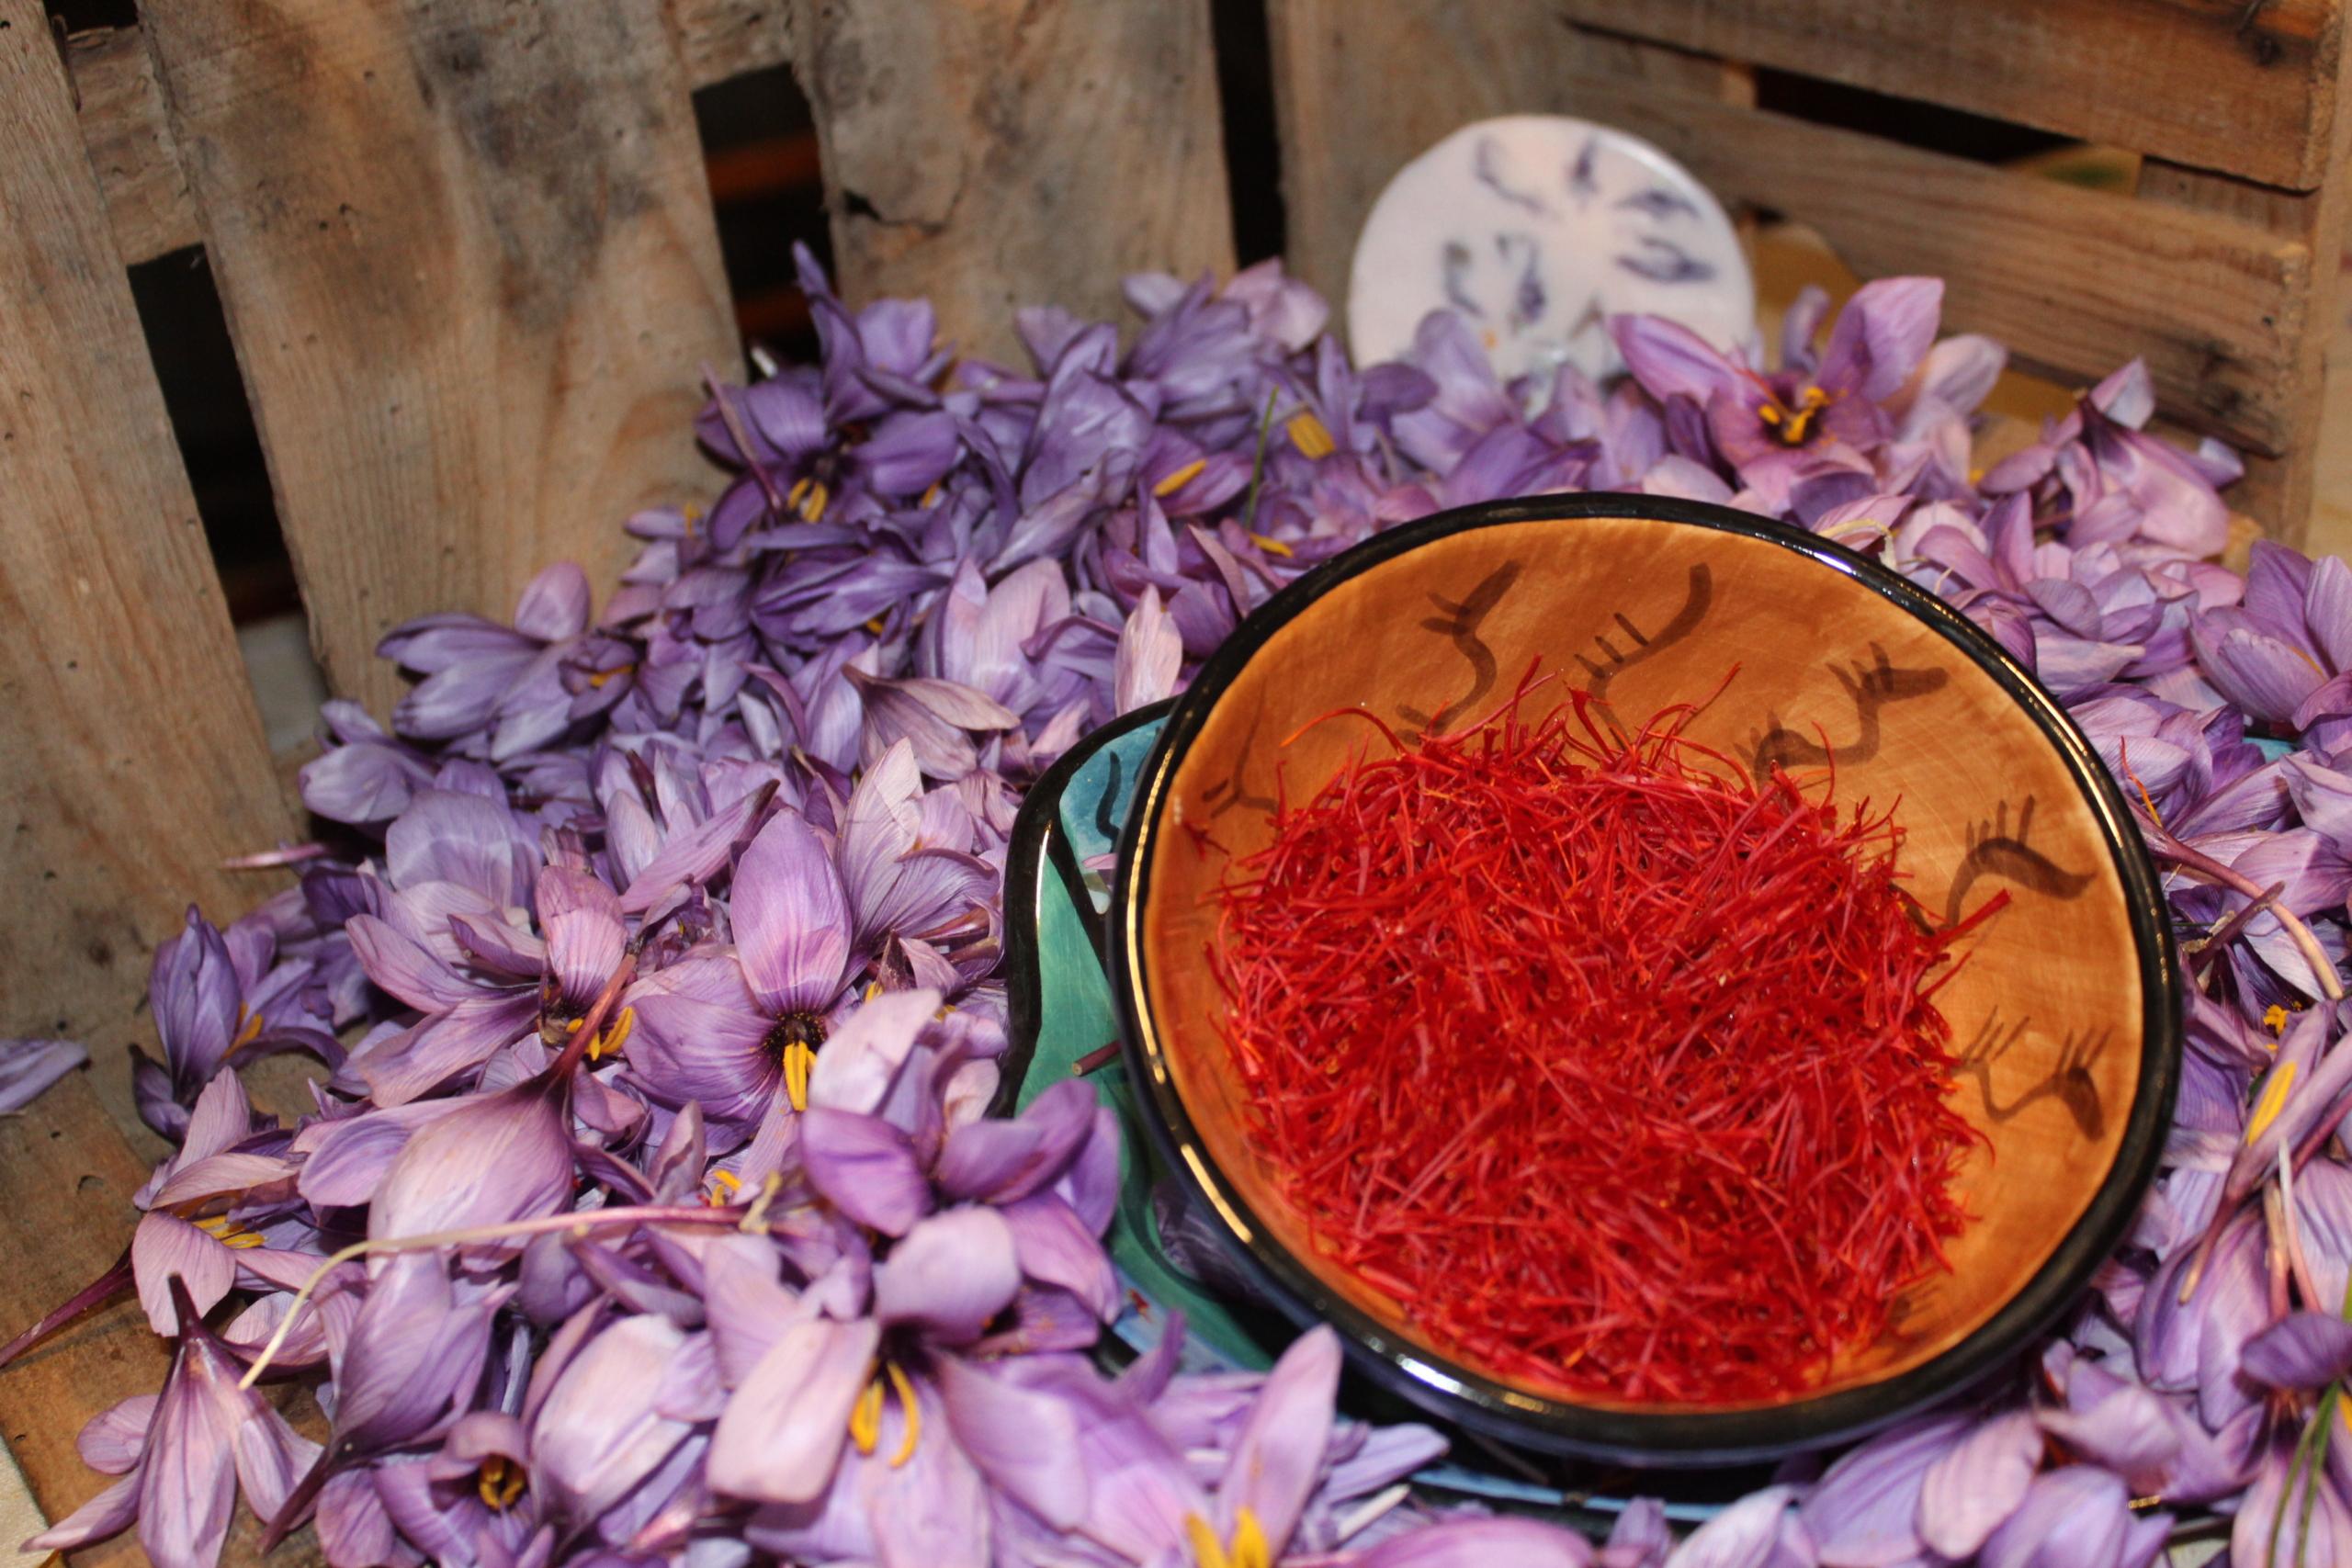 Safrà conreat a Horta de Sant Joan (Terra Alta), ja extret de la flor | ACN